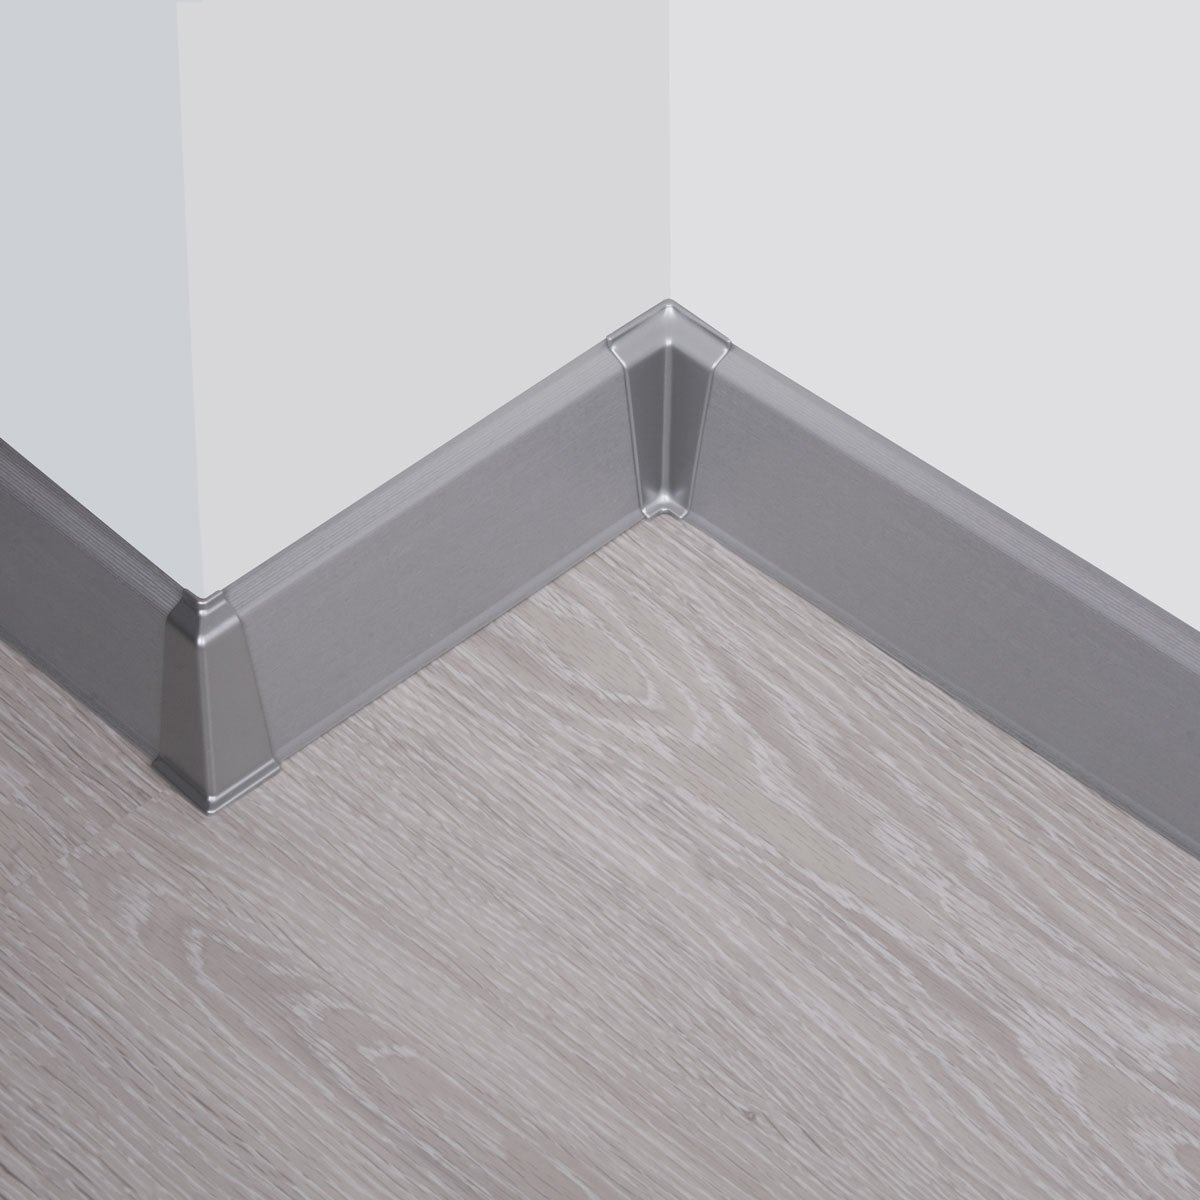 HOLZBRINK Innenecke passend zum Dekor Ihrer Sockelleiste Fussleiste VEO 002 ALUMINIUM